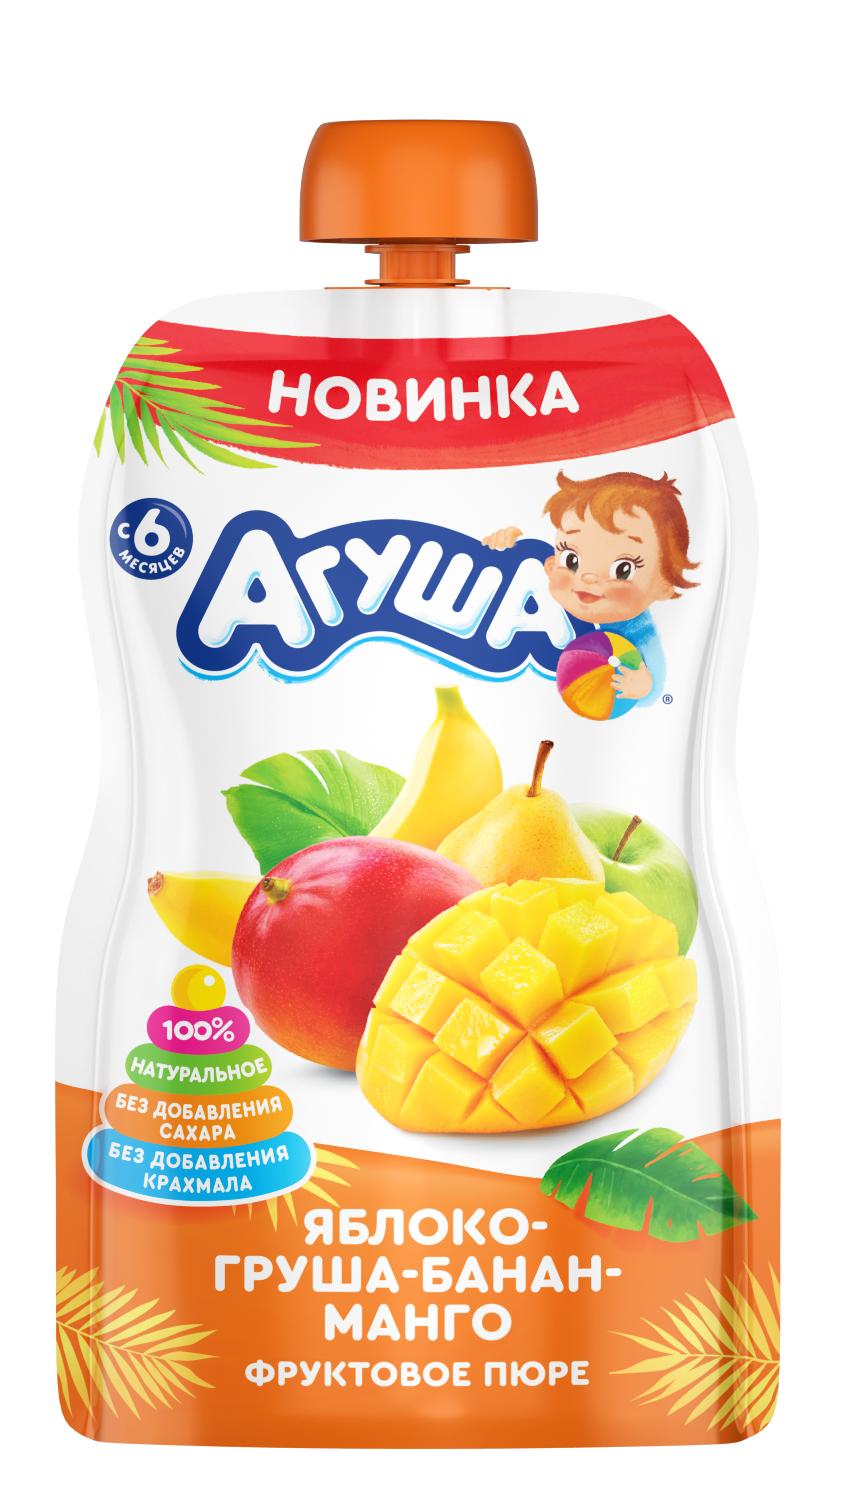 Фруктовое пюре Агуша Яблоко-груша-банан-манго, 90 г